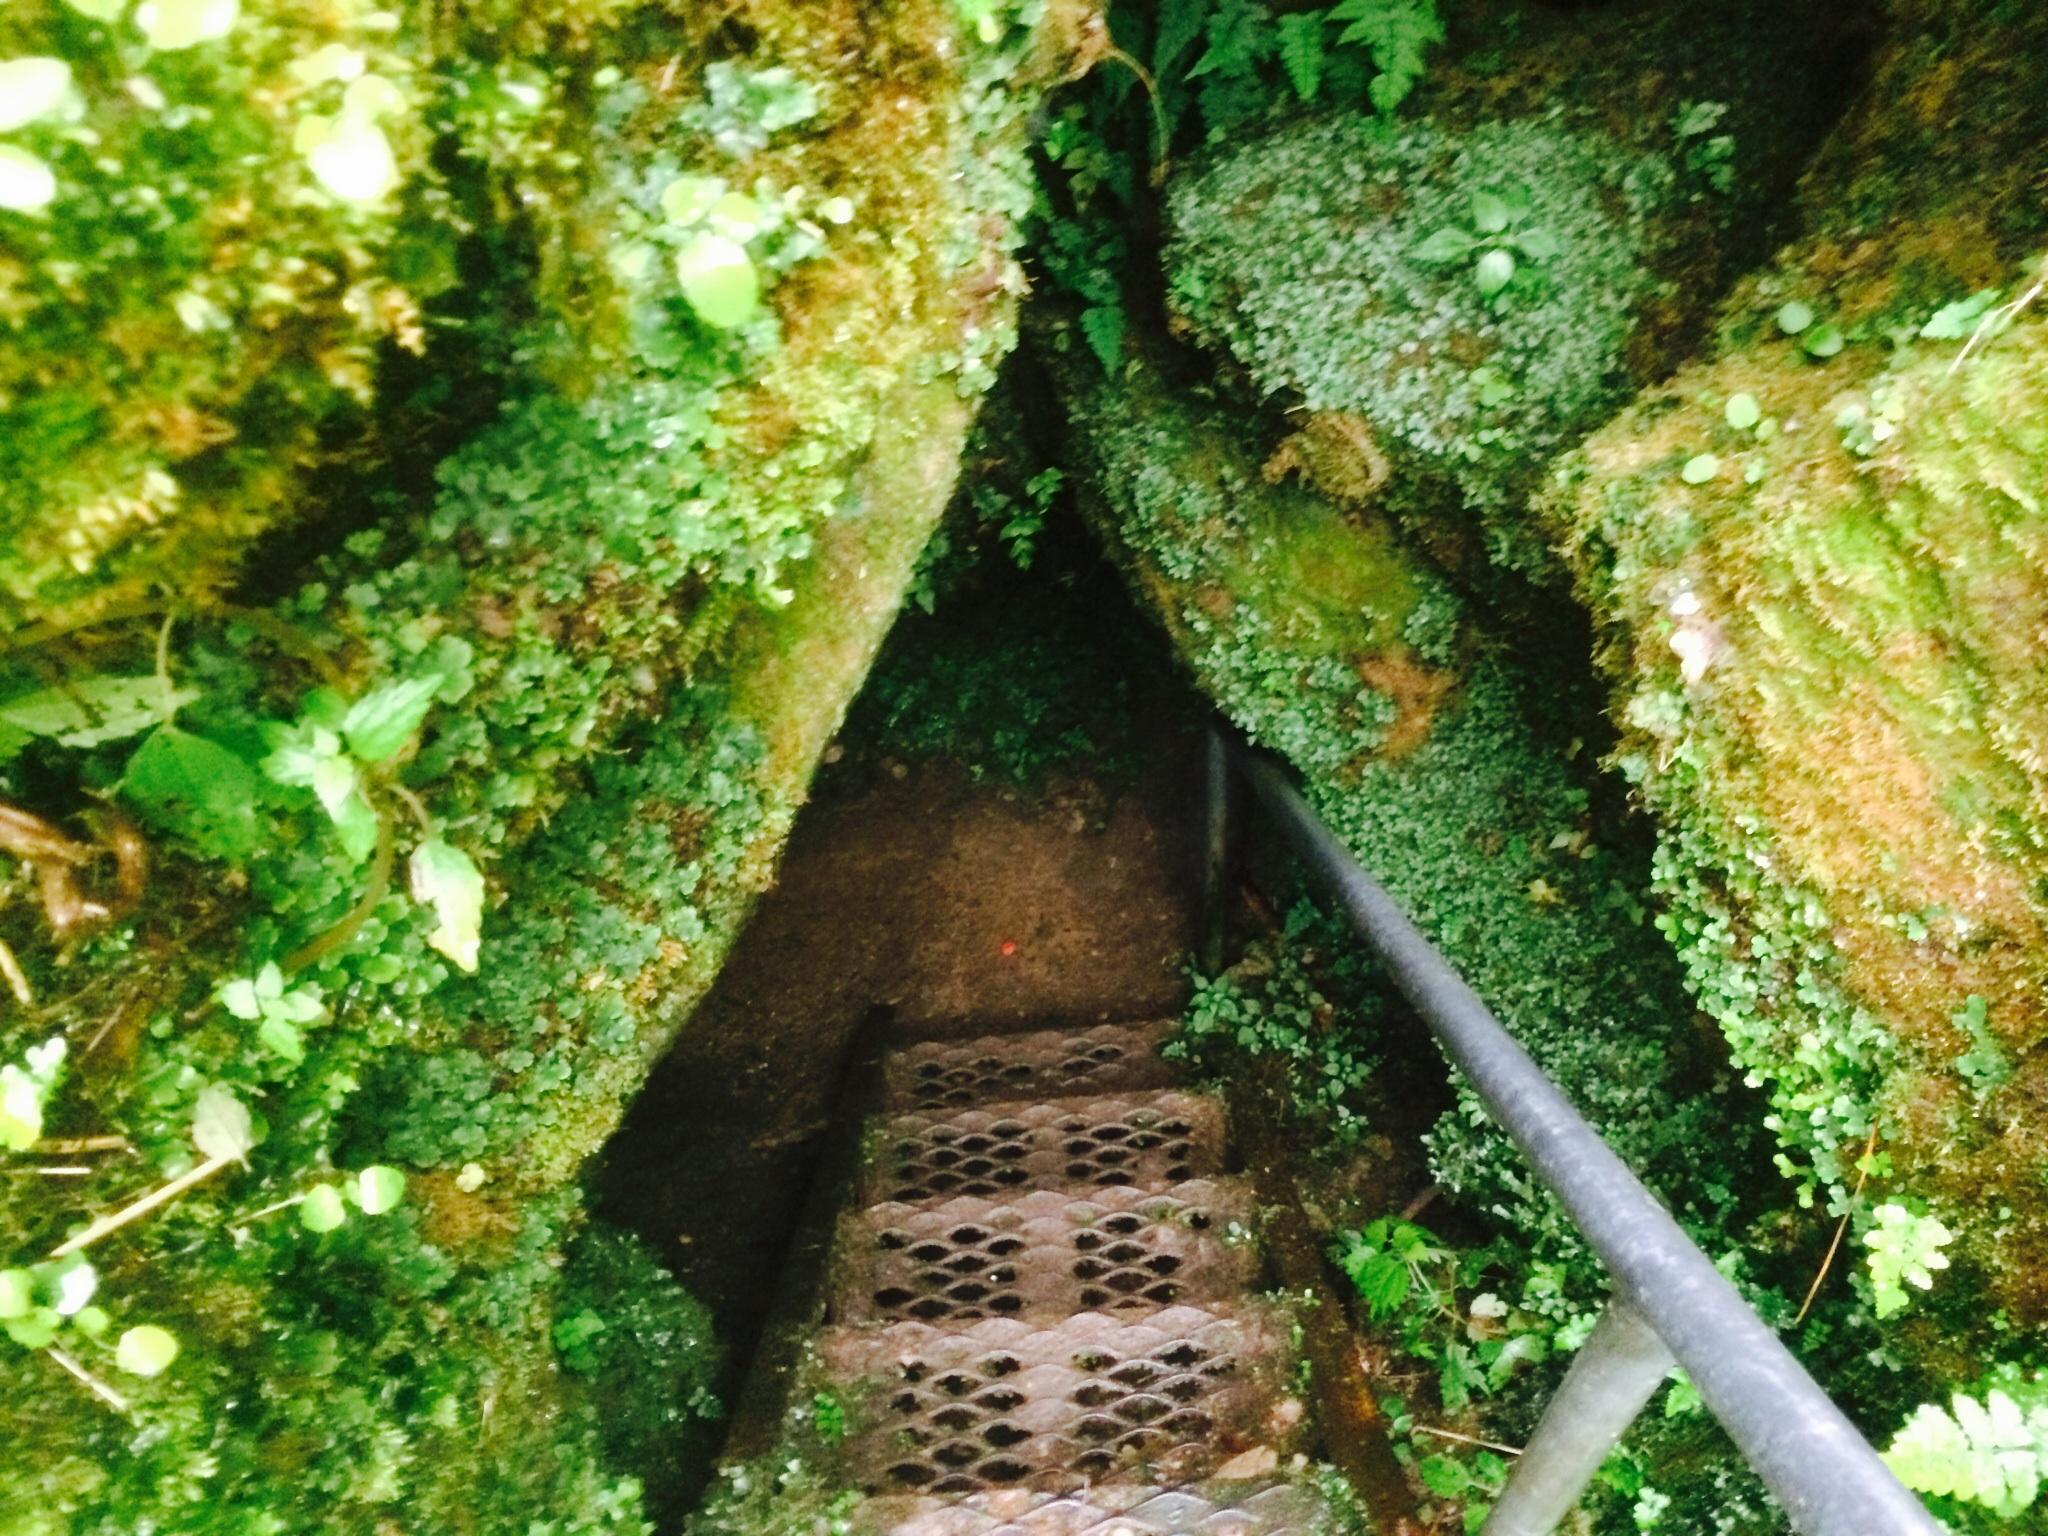 五泉市が誇る大秘境「大沢鍾乳洞」!懐中電灯必須の洞窟ダンジョンに突入!